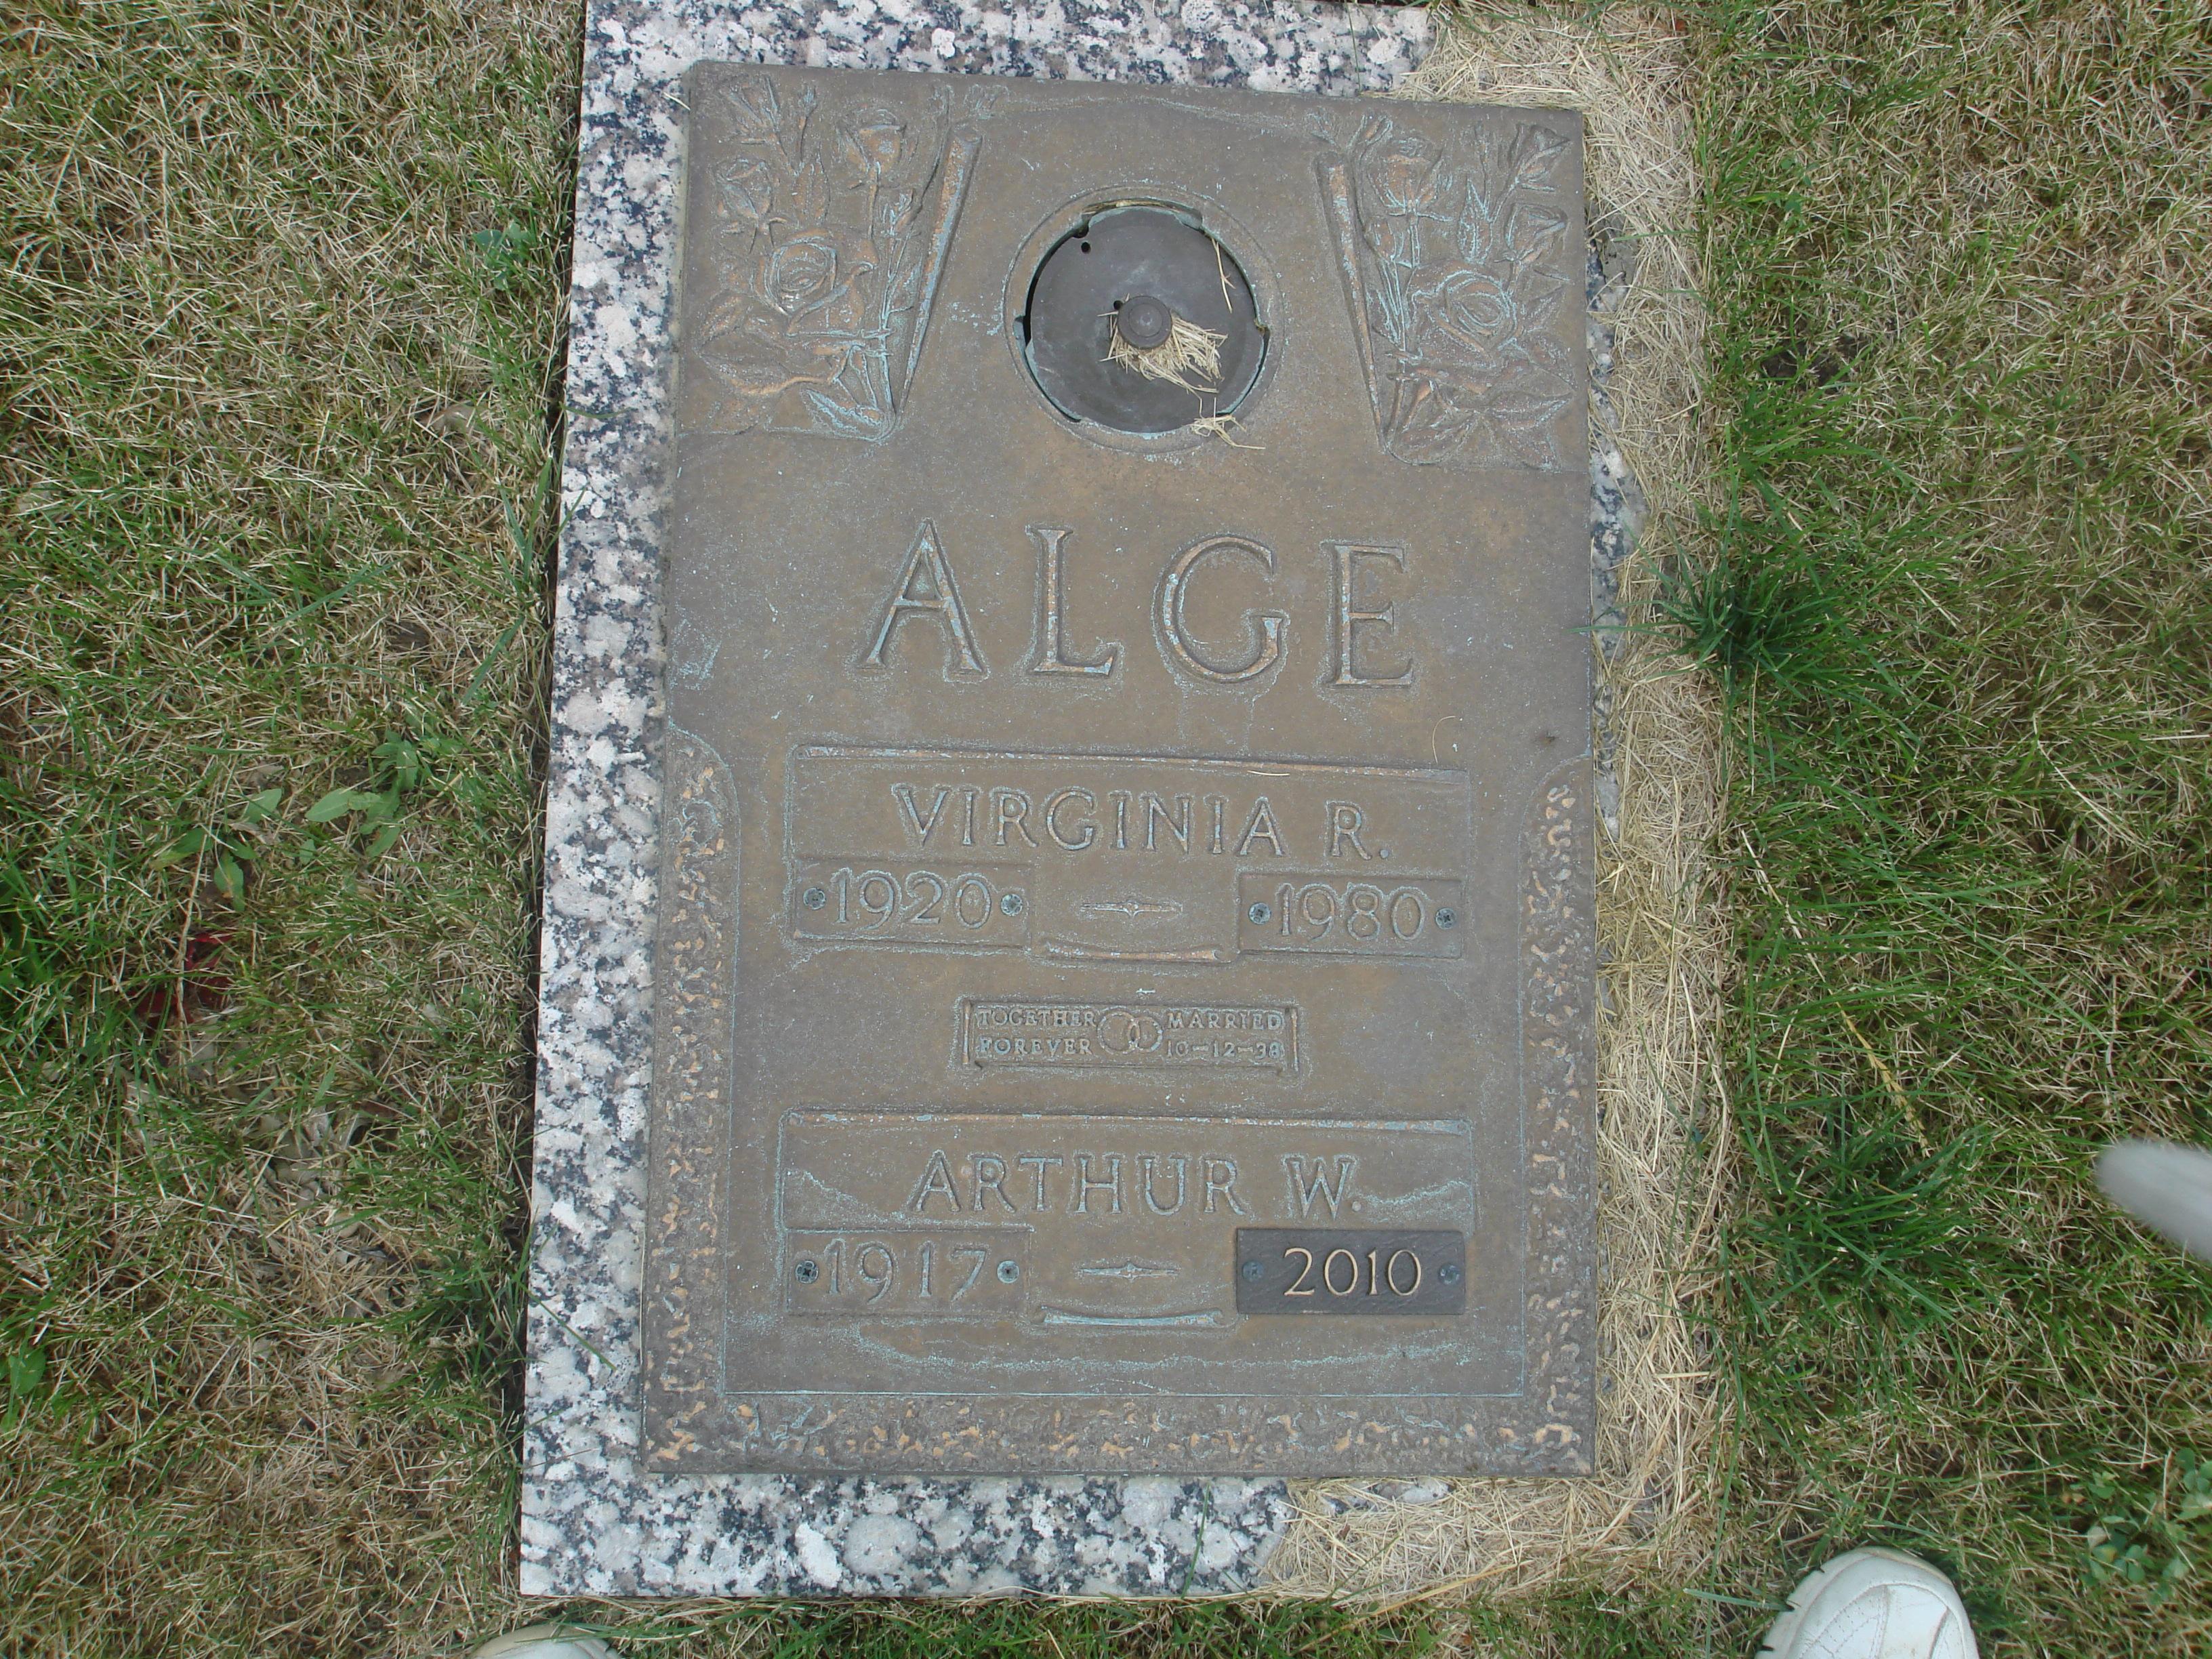 Arthur William Alge